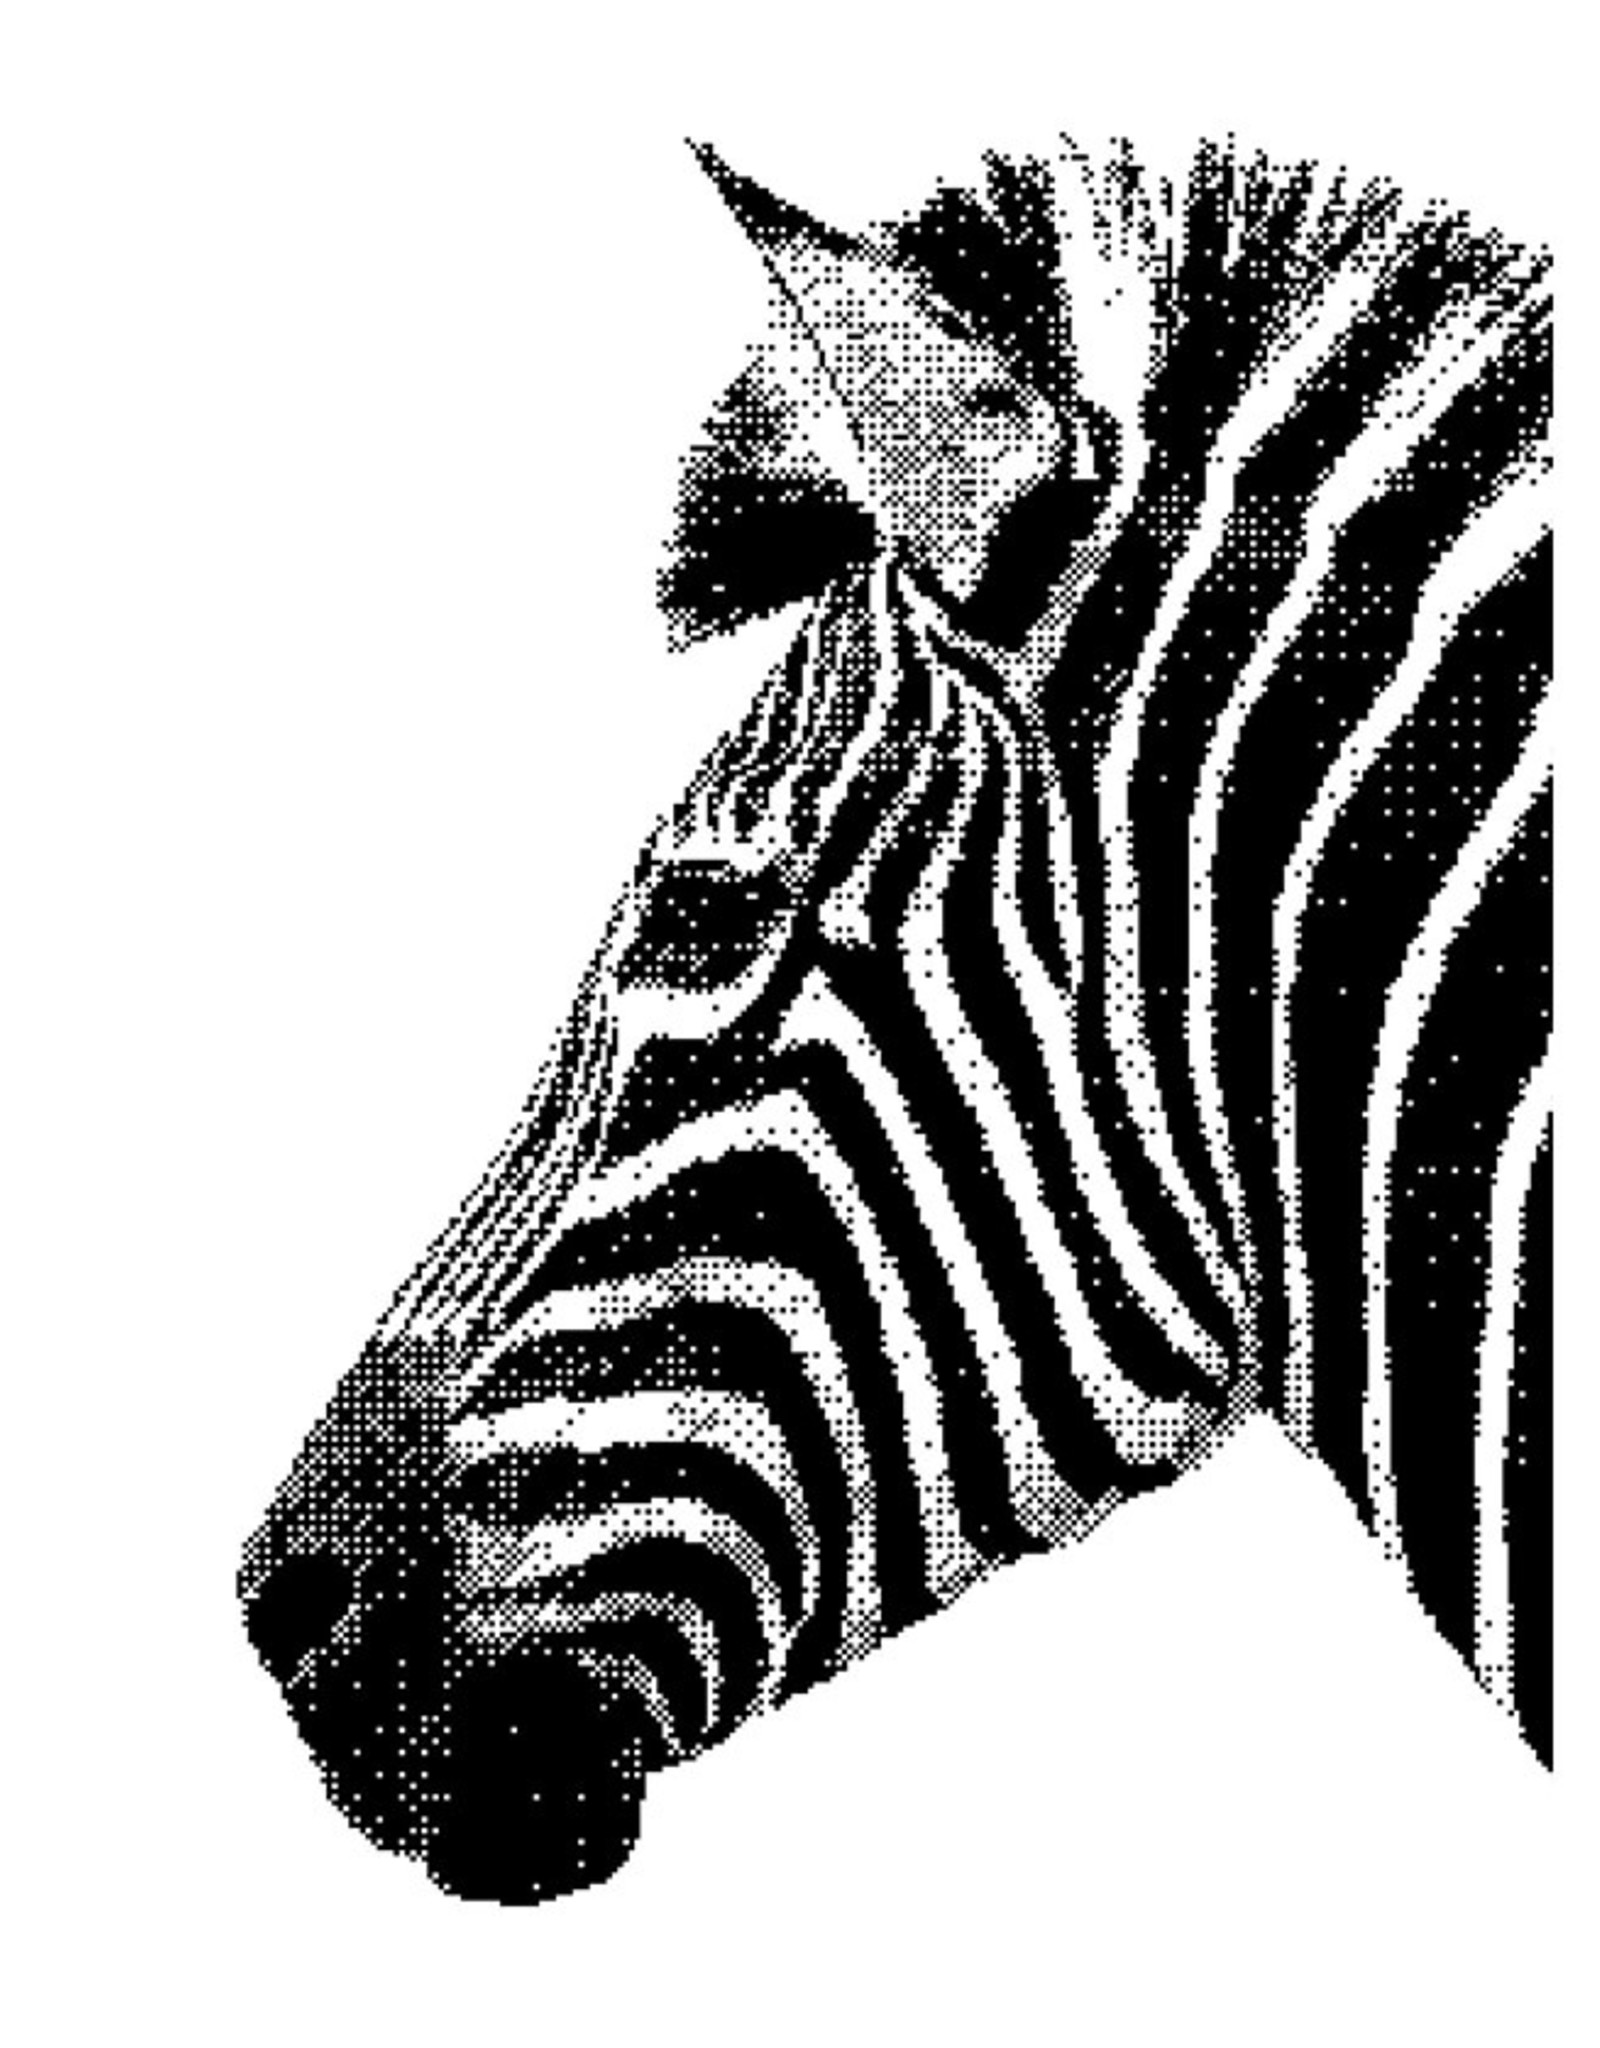 Stratier XL Pixelposter STRATIER-pixel na pixel